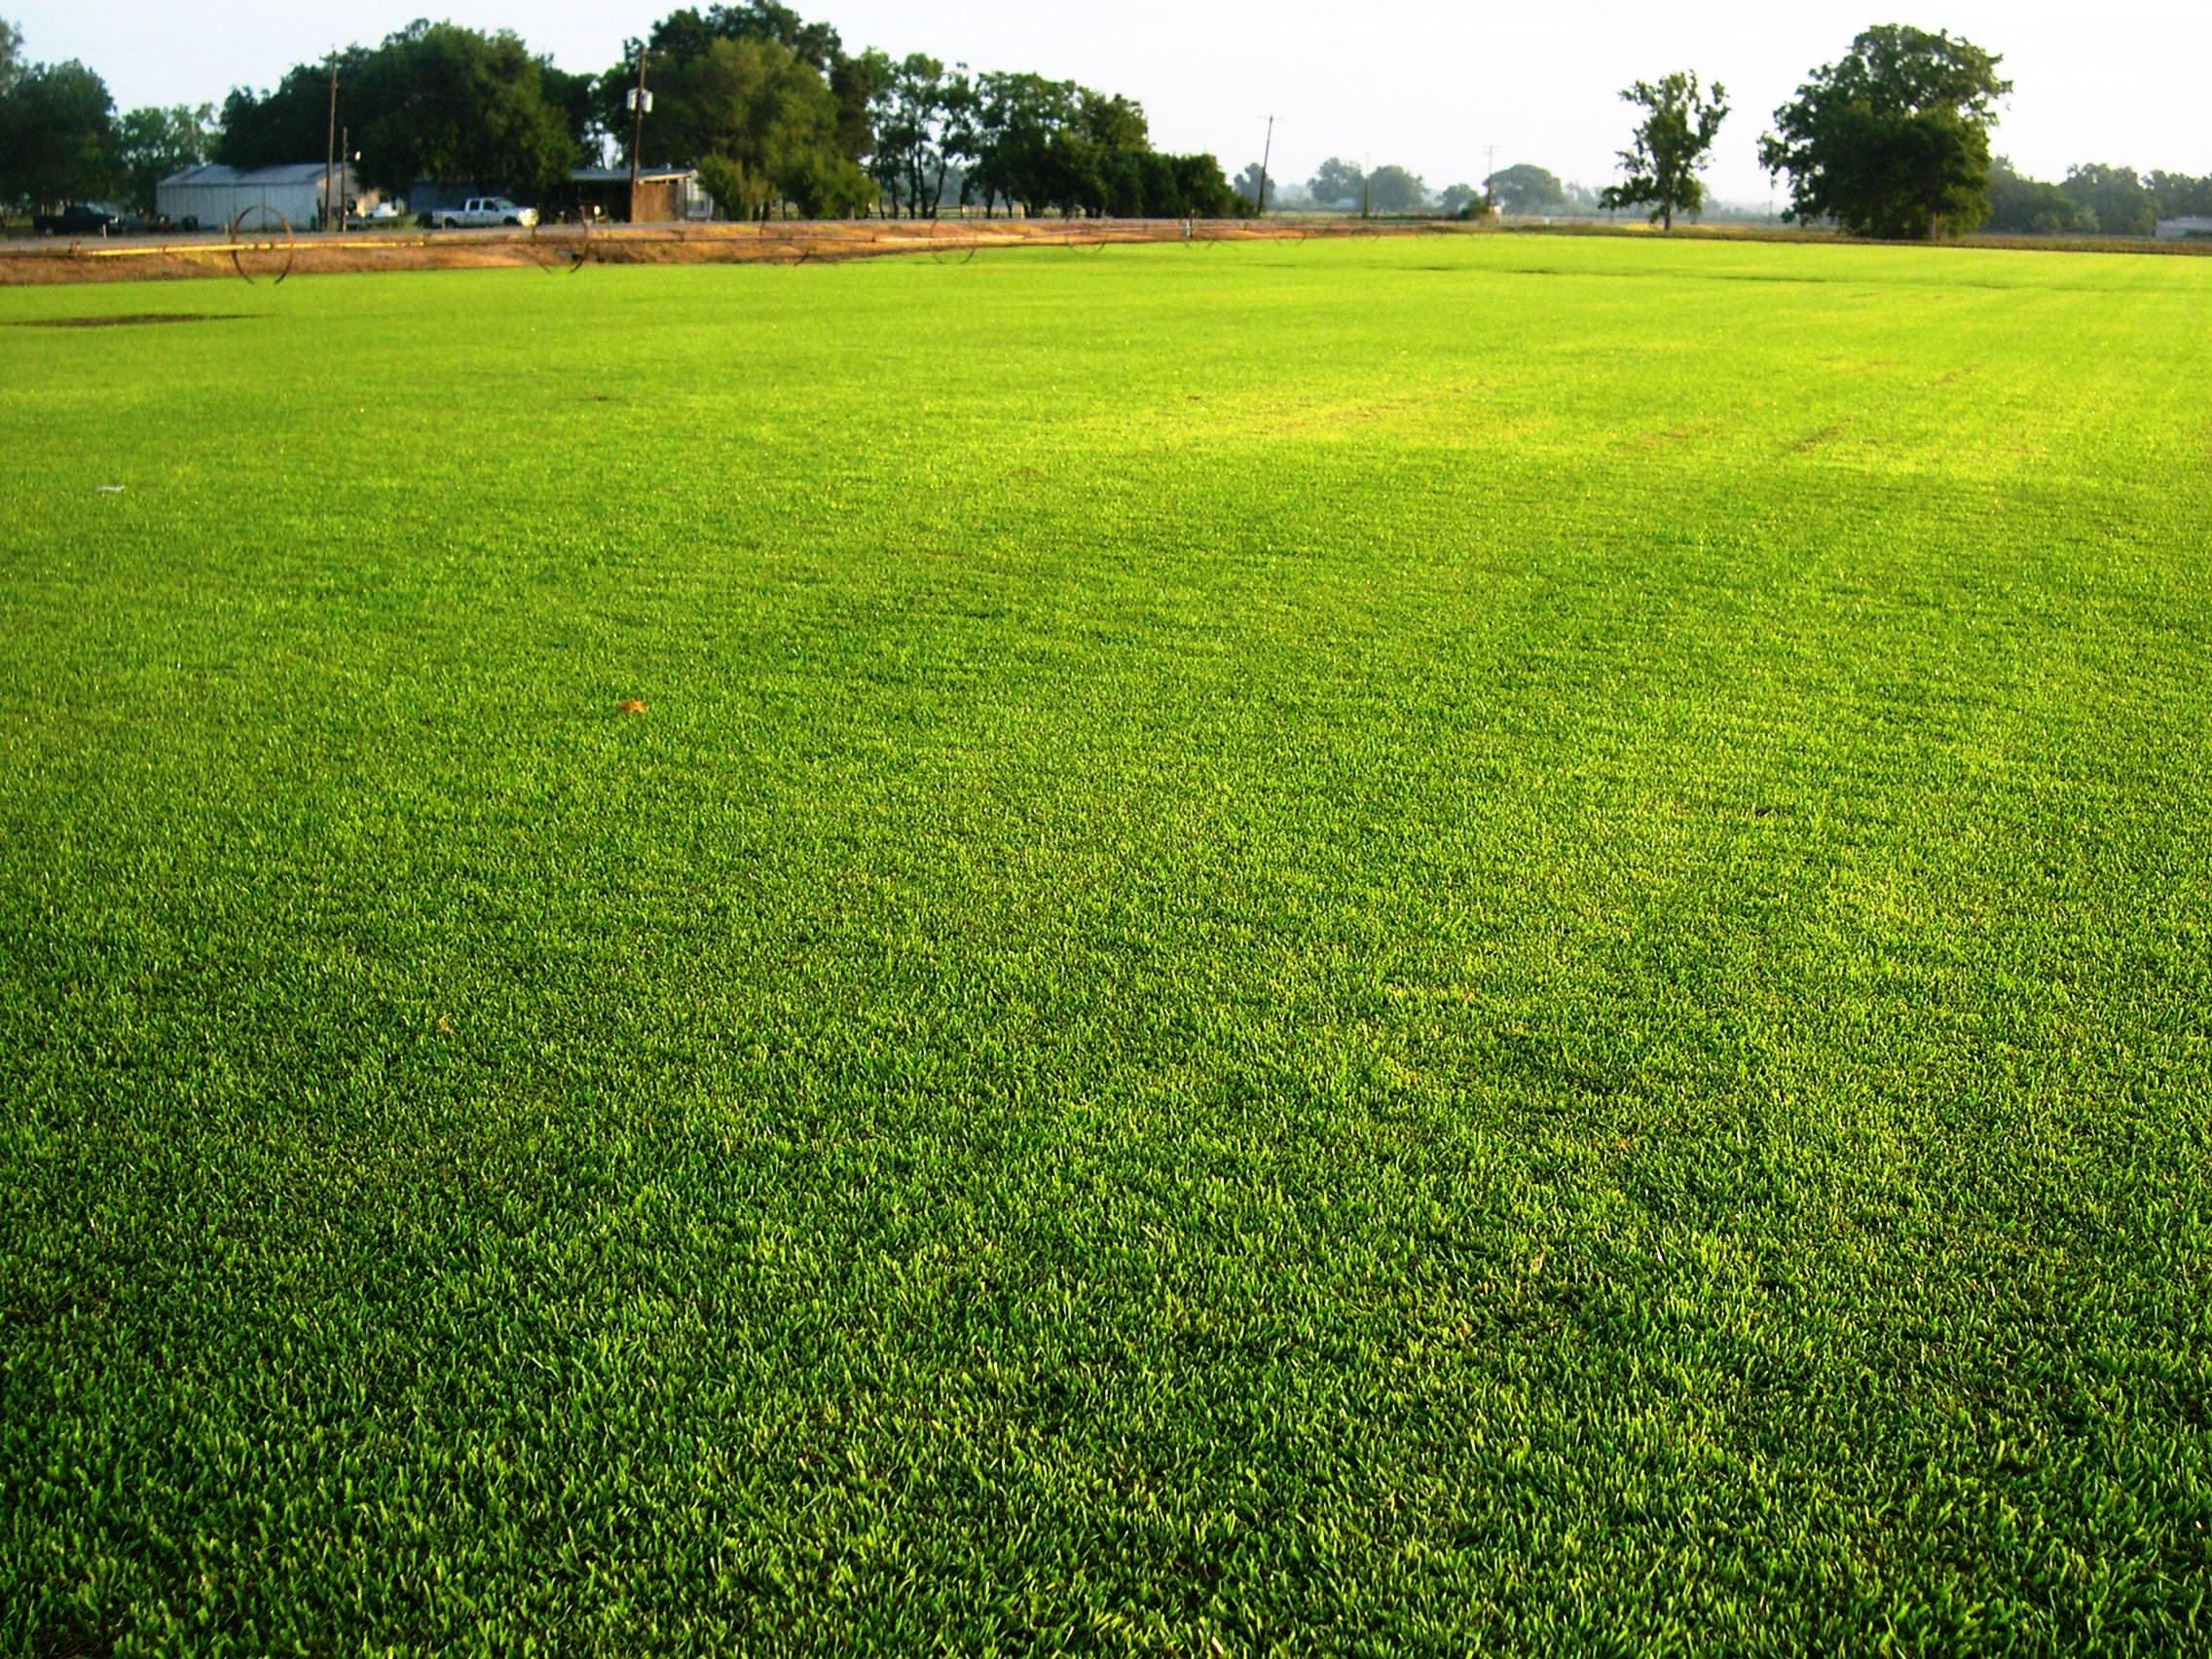 Hình ảnh bãi cỏ xanh tuyệt đẹp